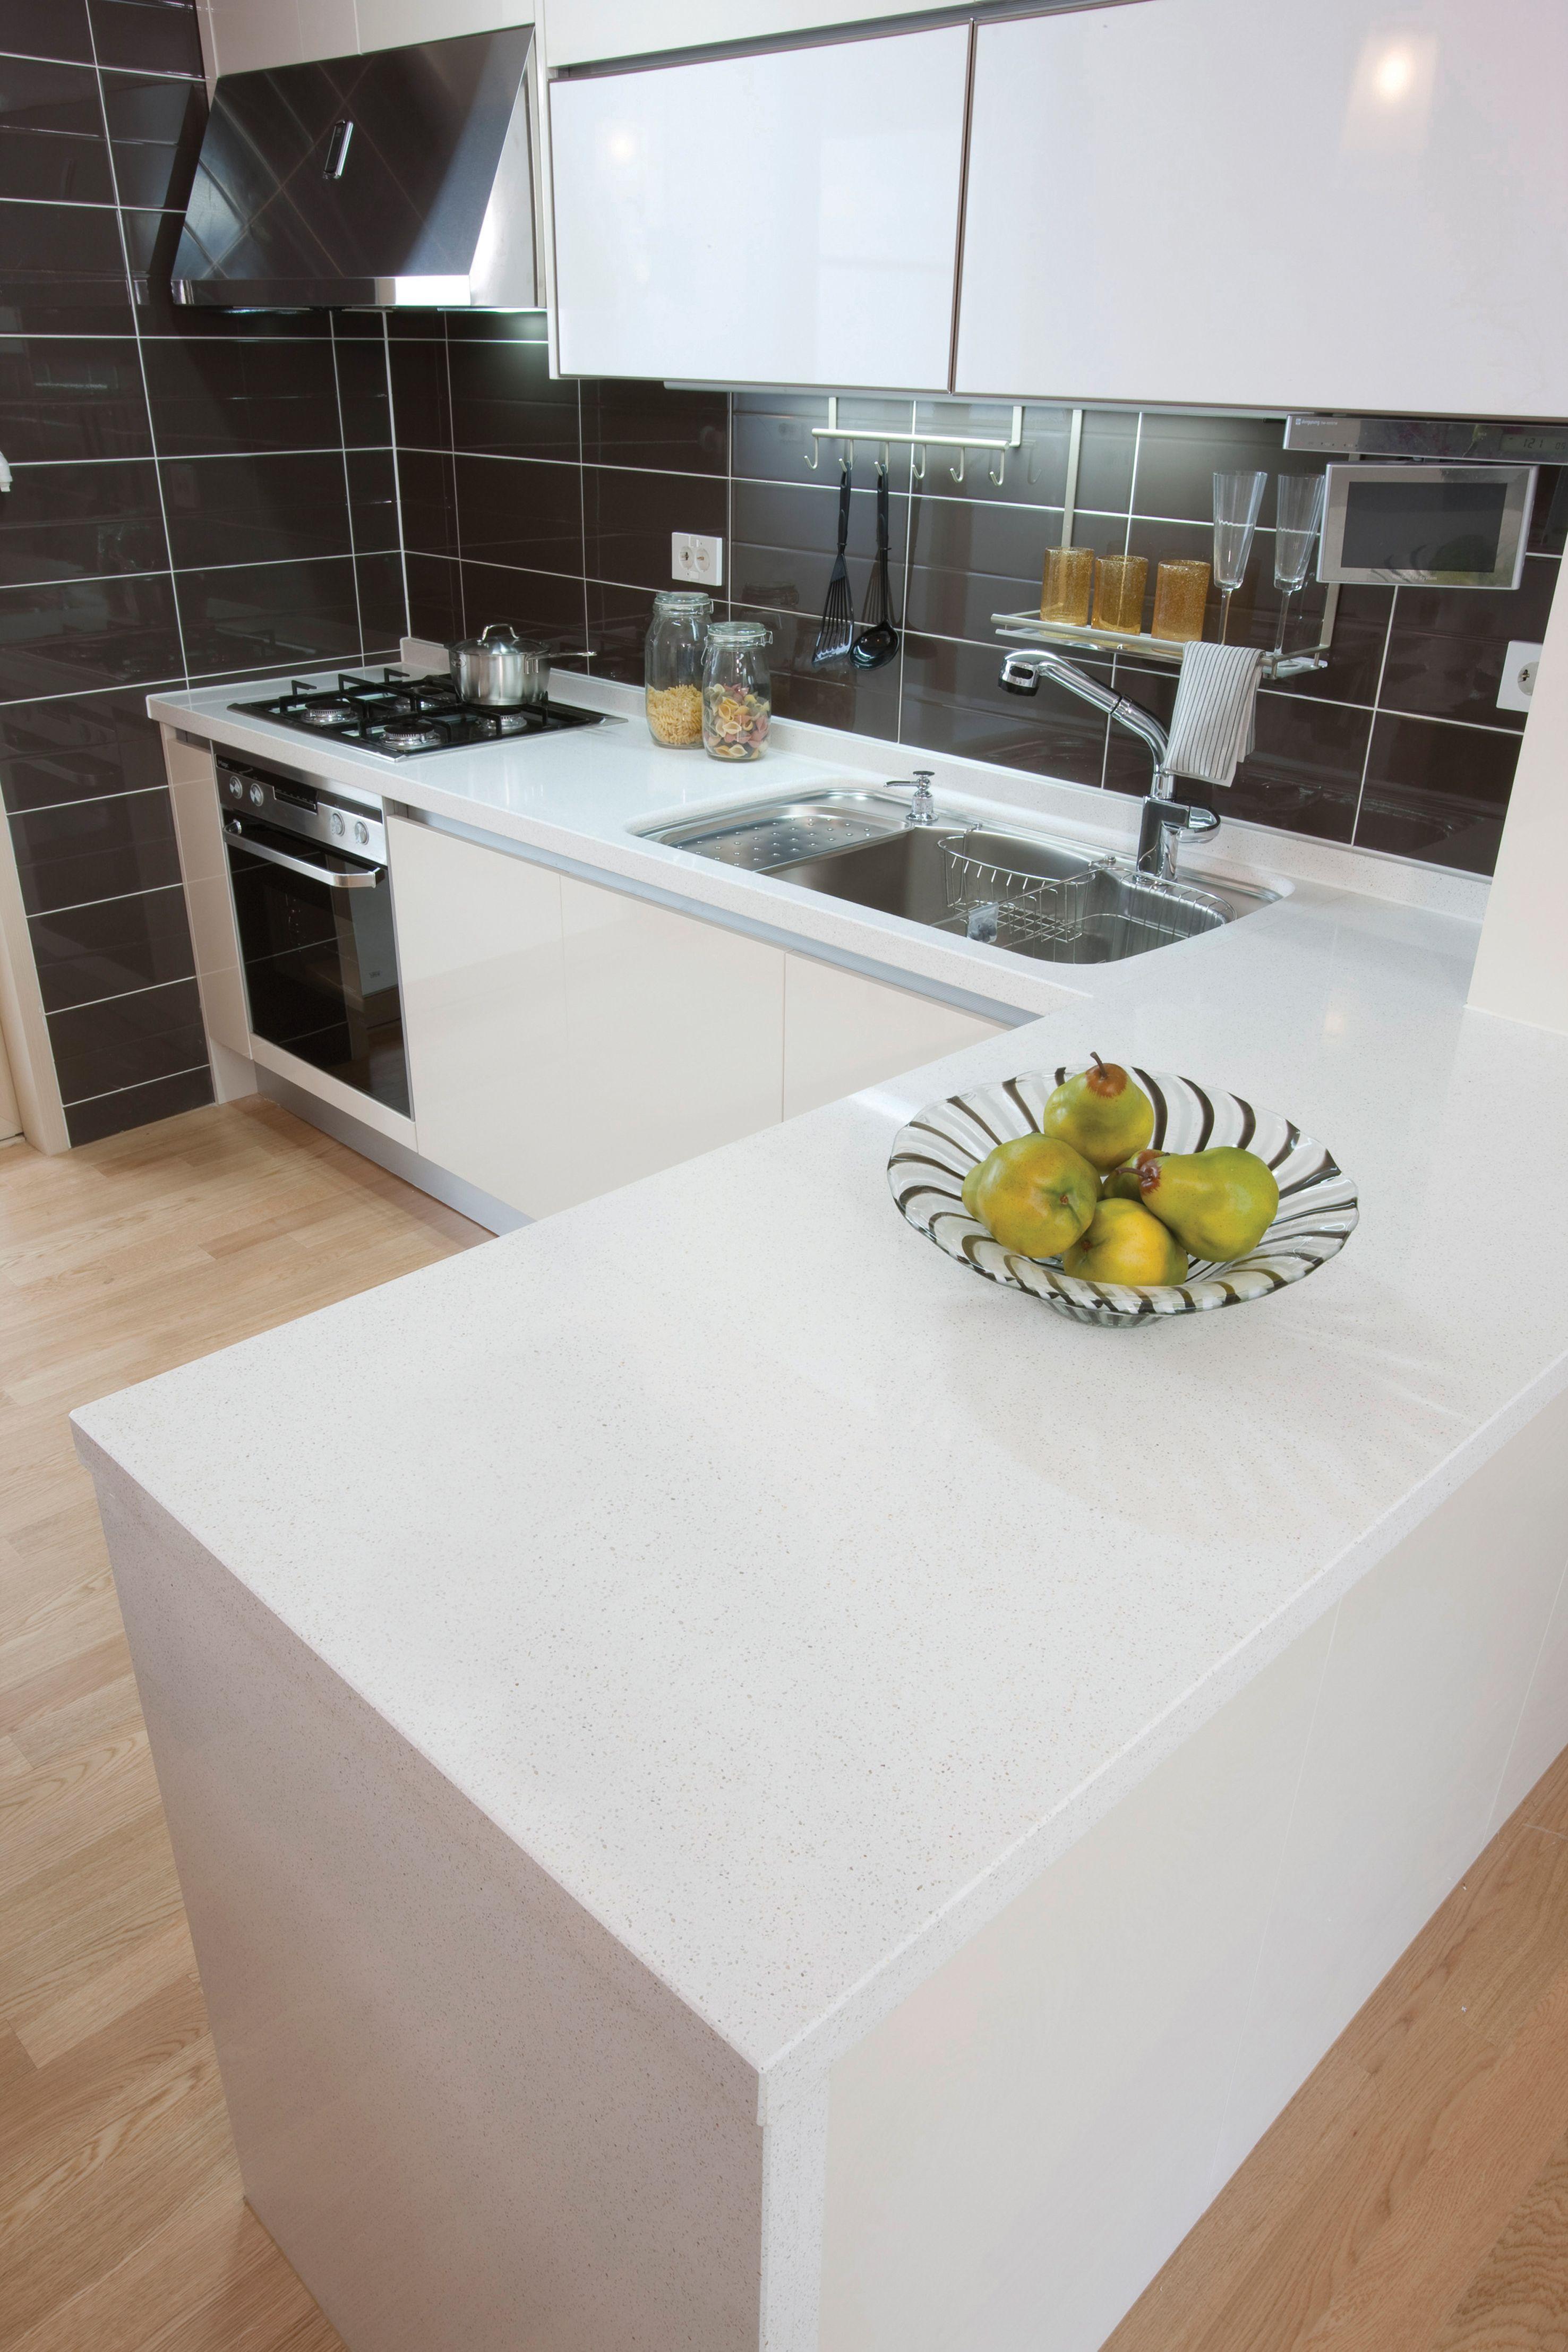 Samsung Radianz Quartz - Everest White Countertops - KBIS Exhibitor ...